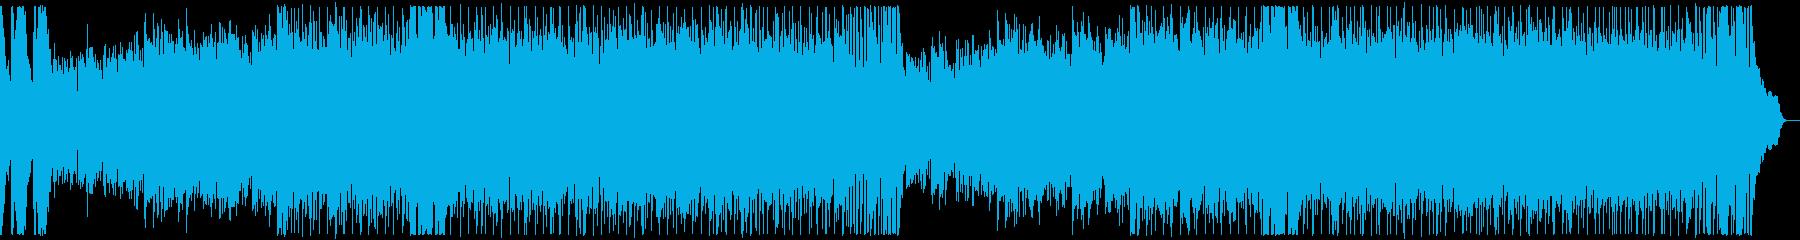 エスニック・ガムラン風の曲の再生済みの波形